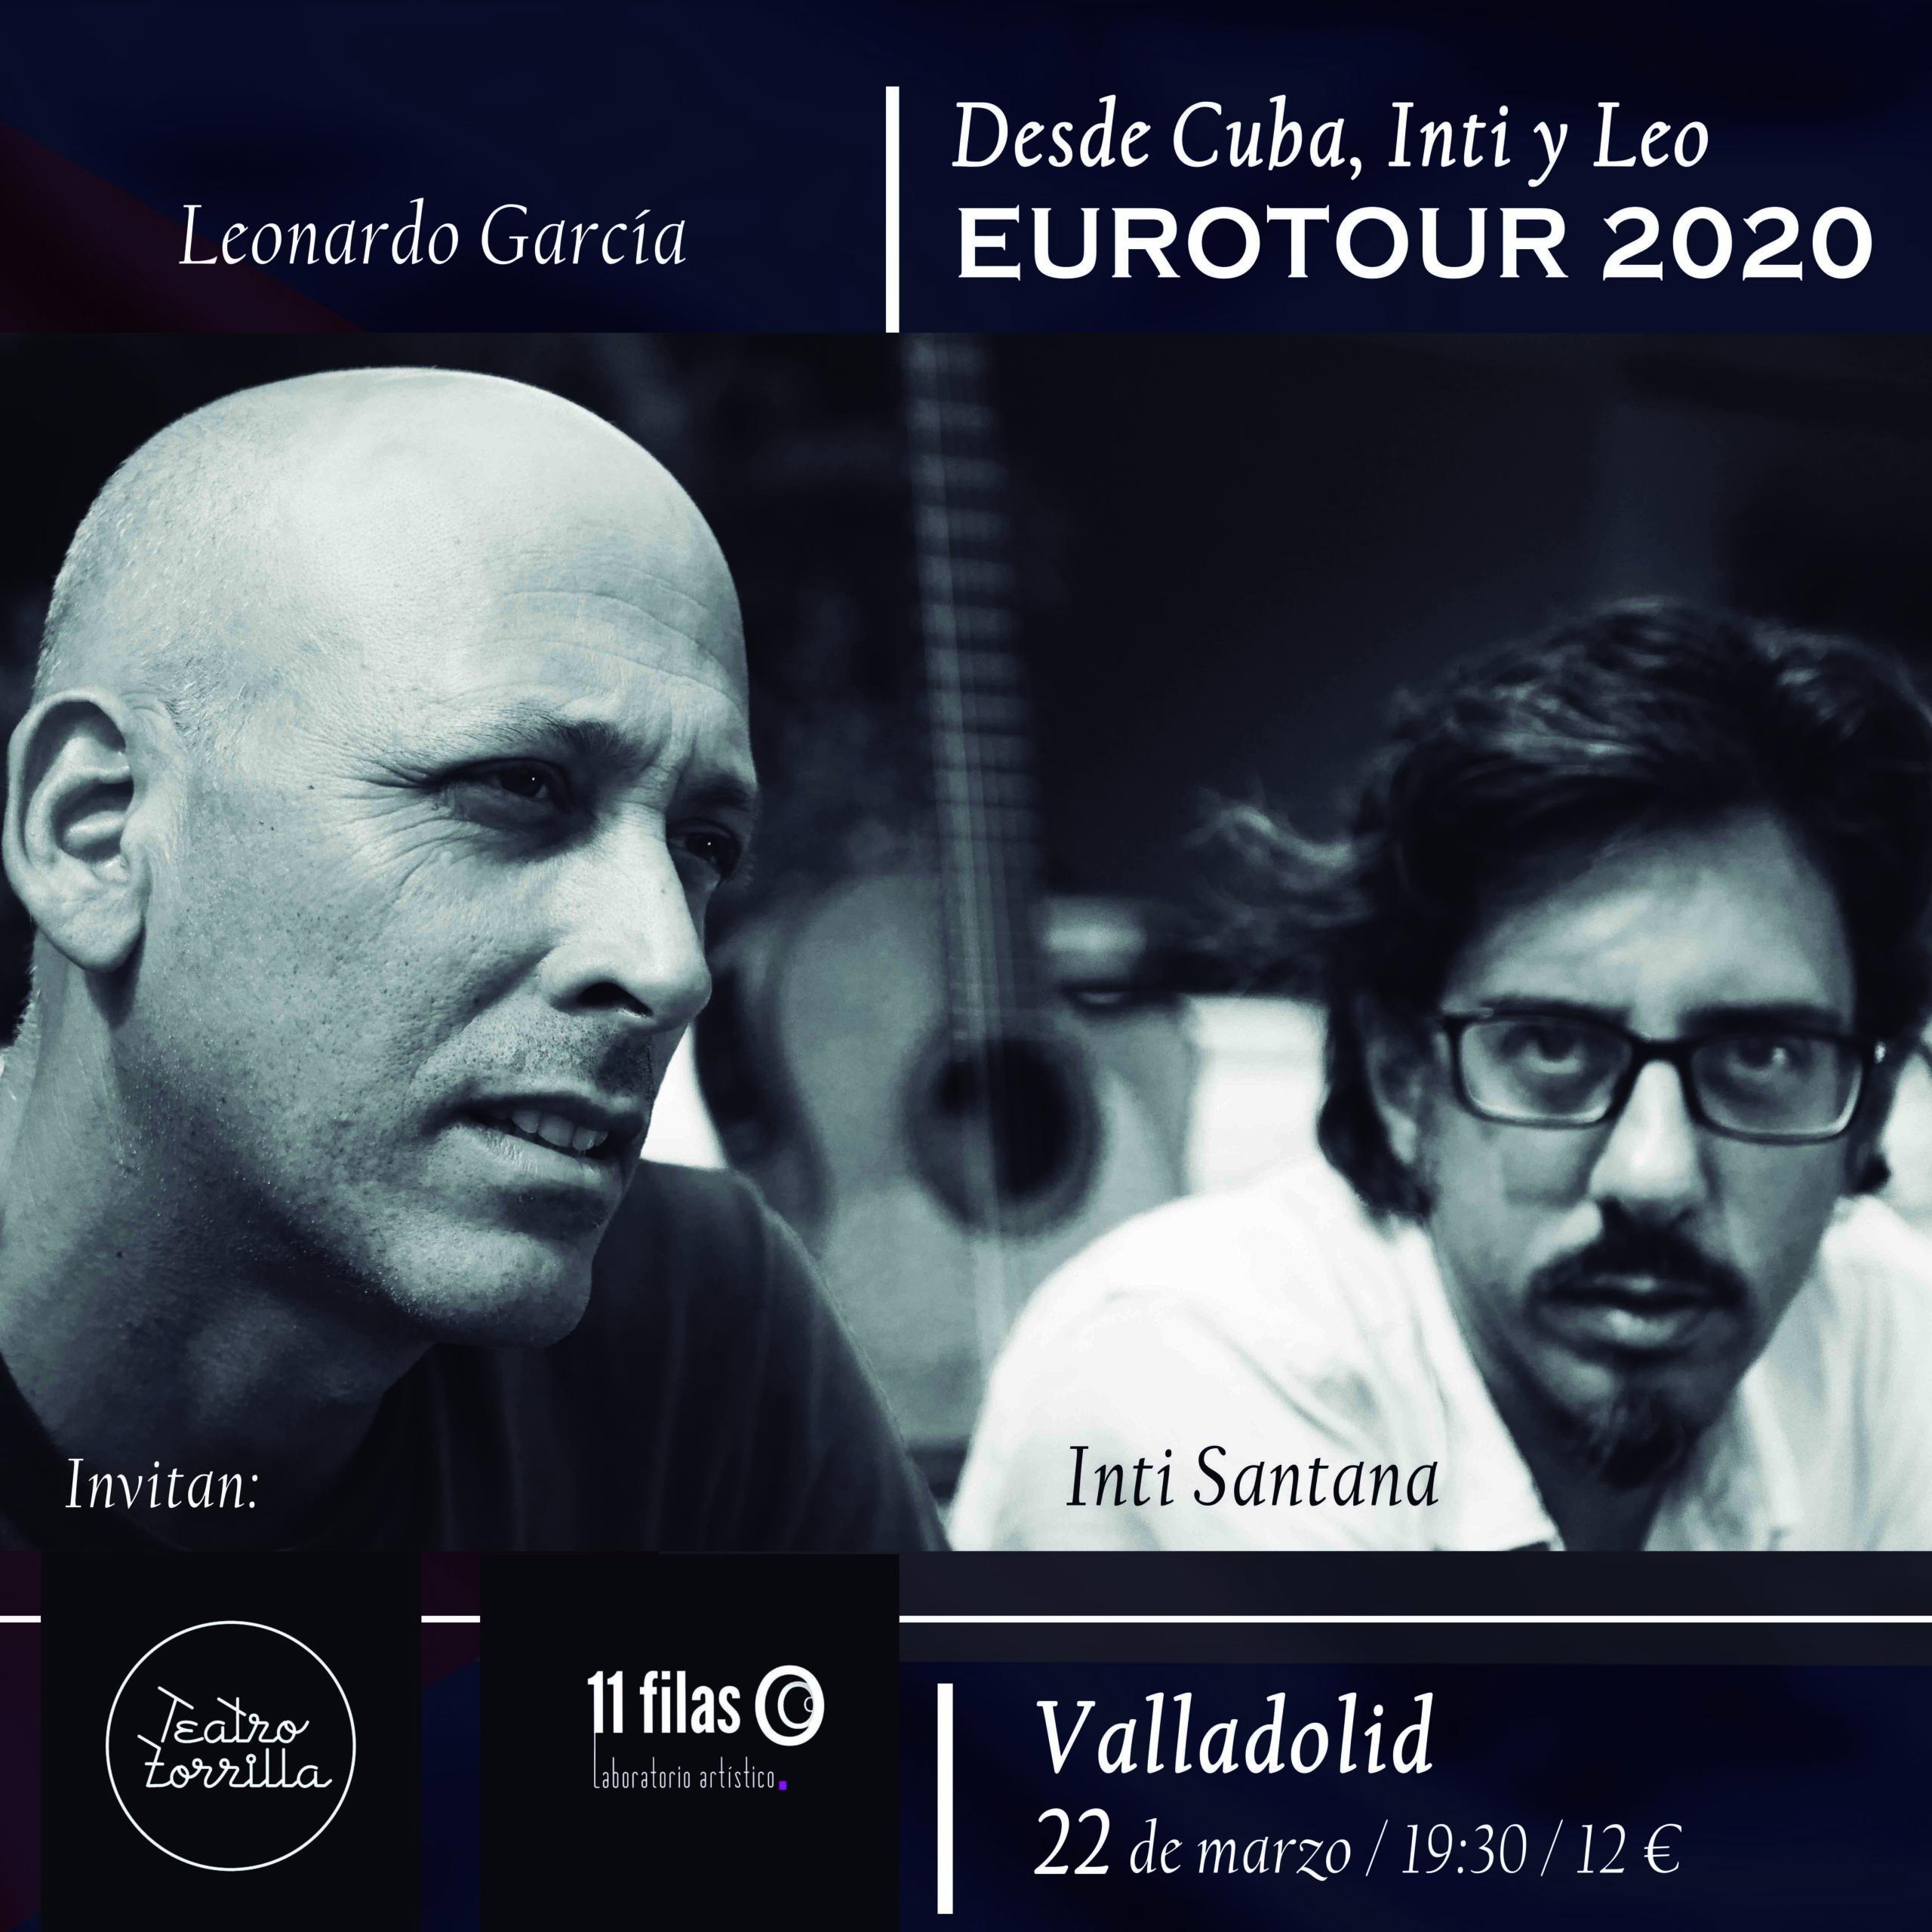 Inti y Leo, Eurotour 2020 a ritmo cubano